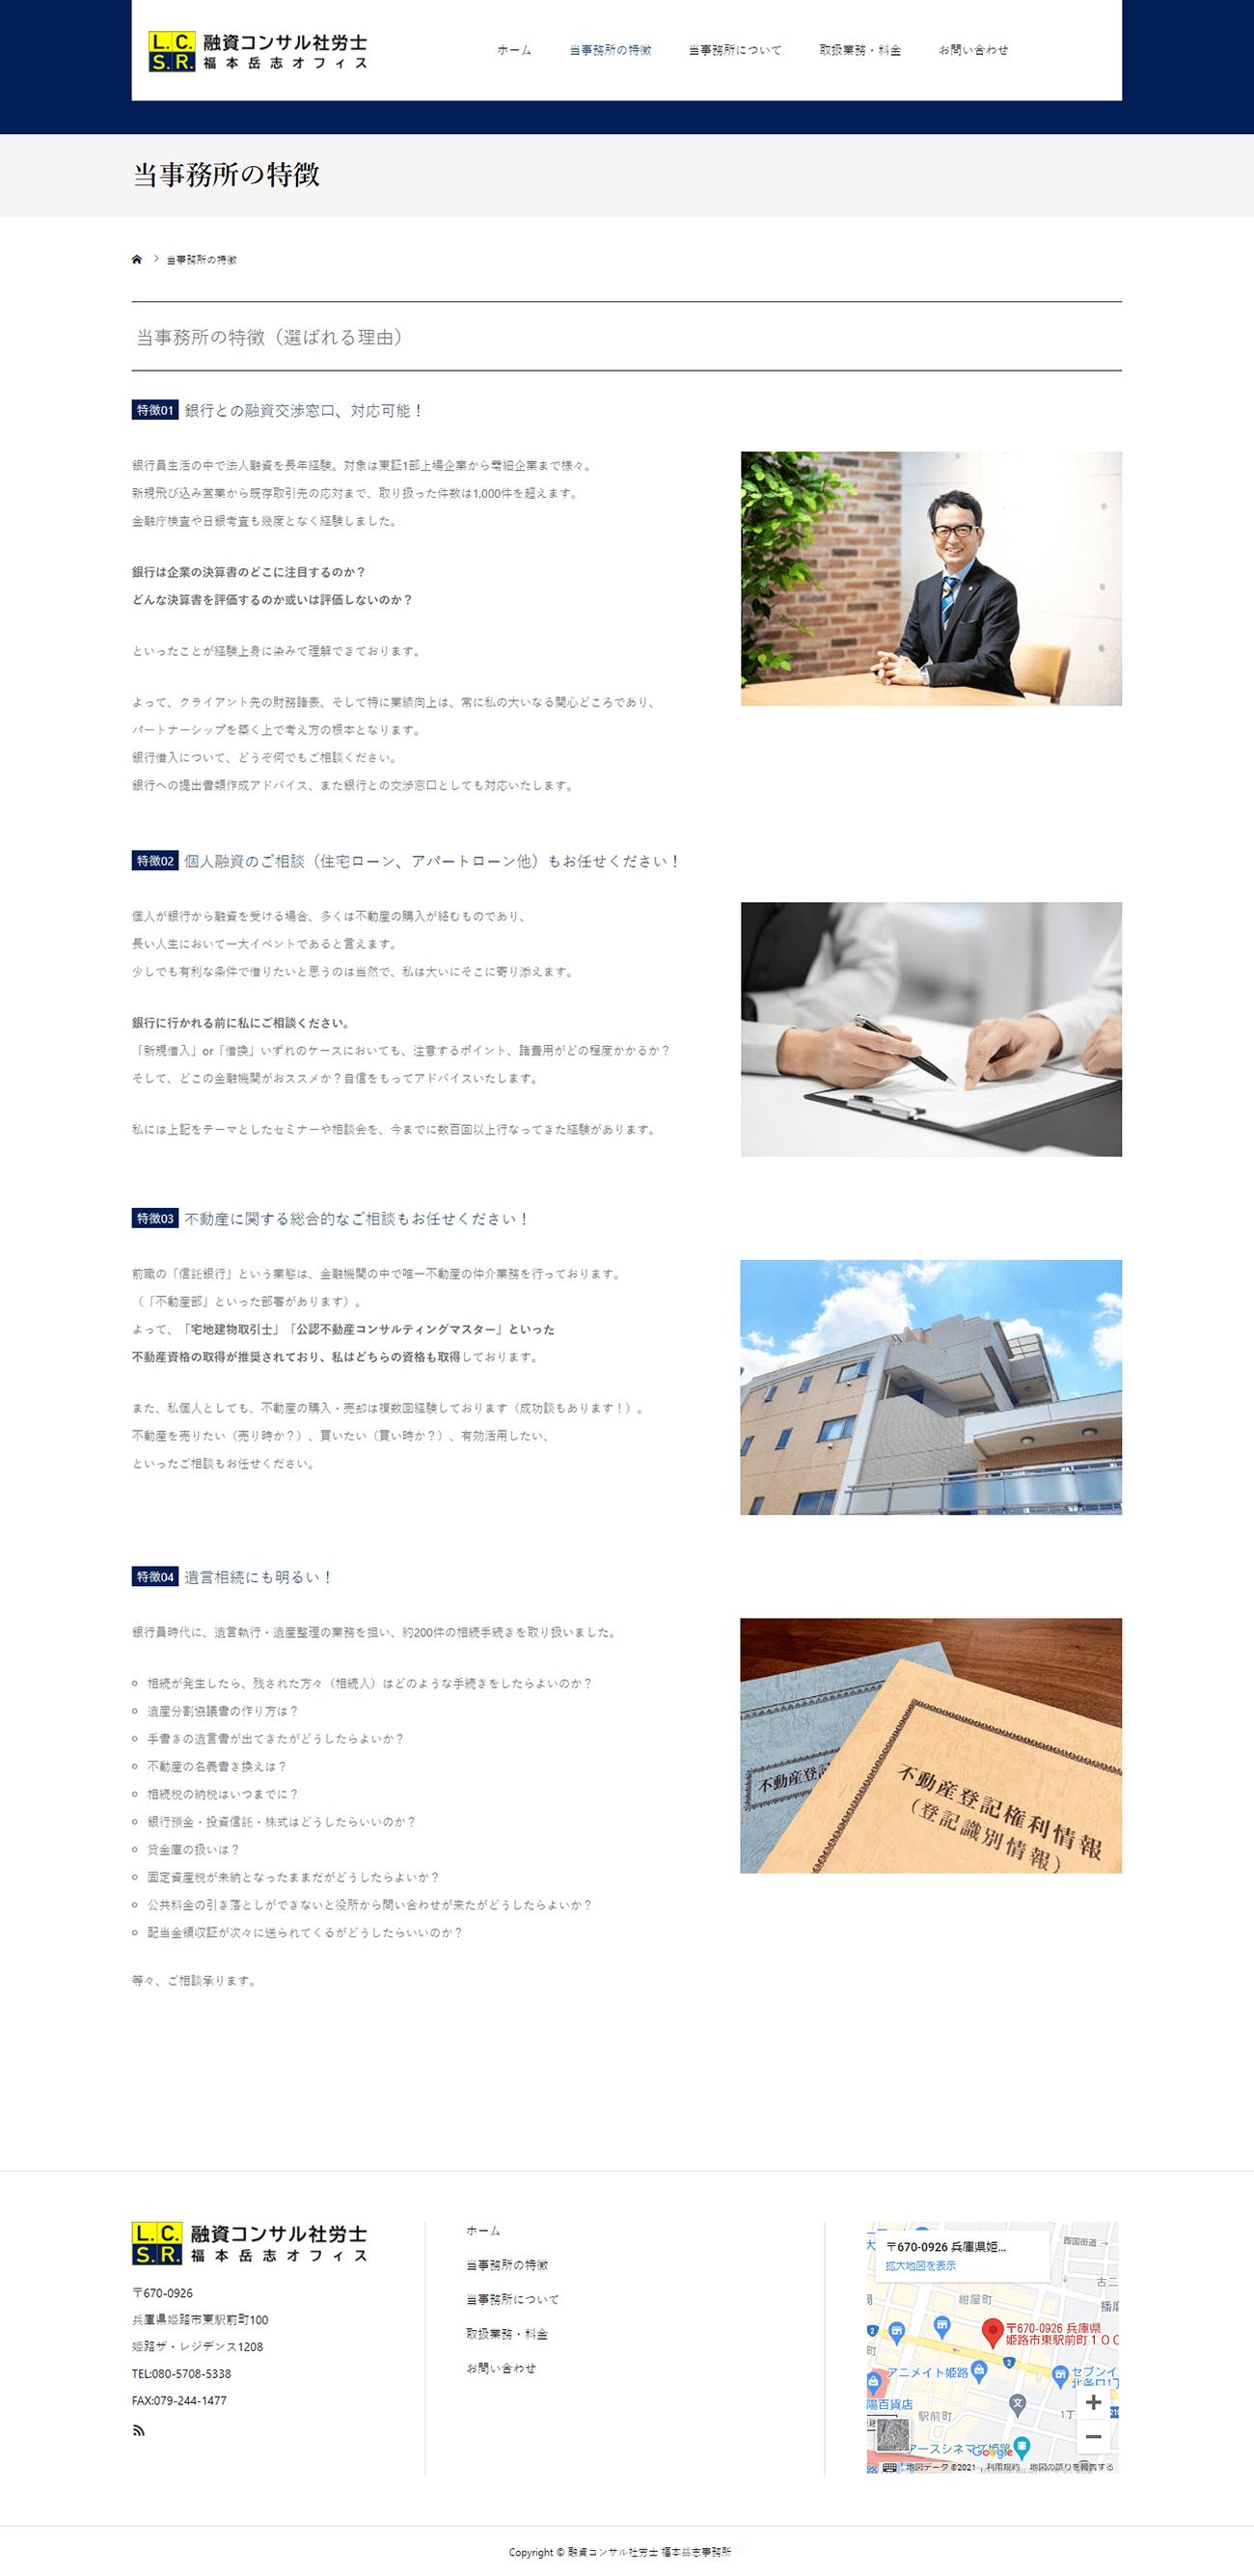 融資コンサル社労士 福本岳志オフィス ホームページ制作2